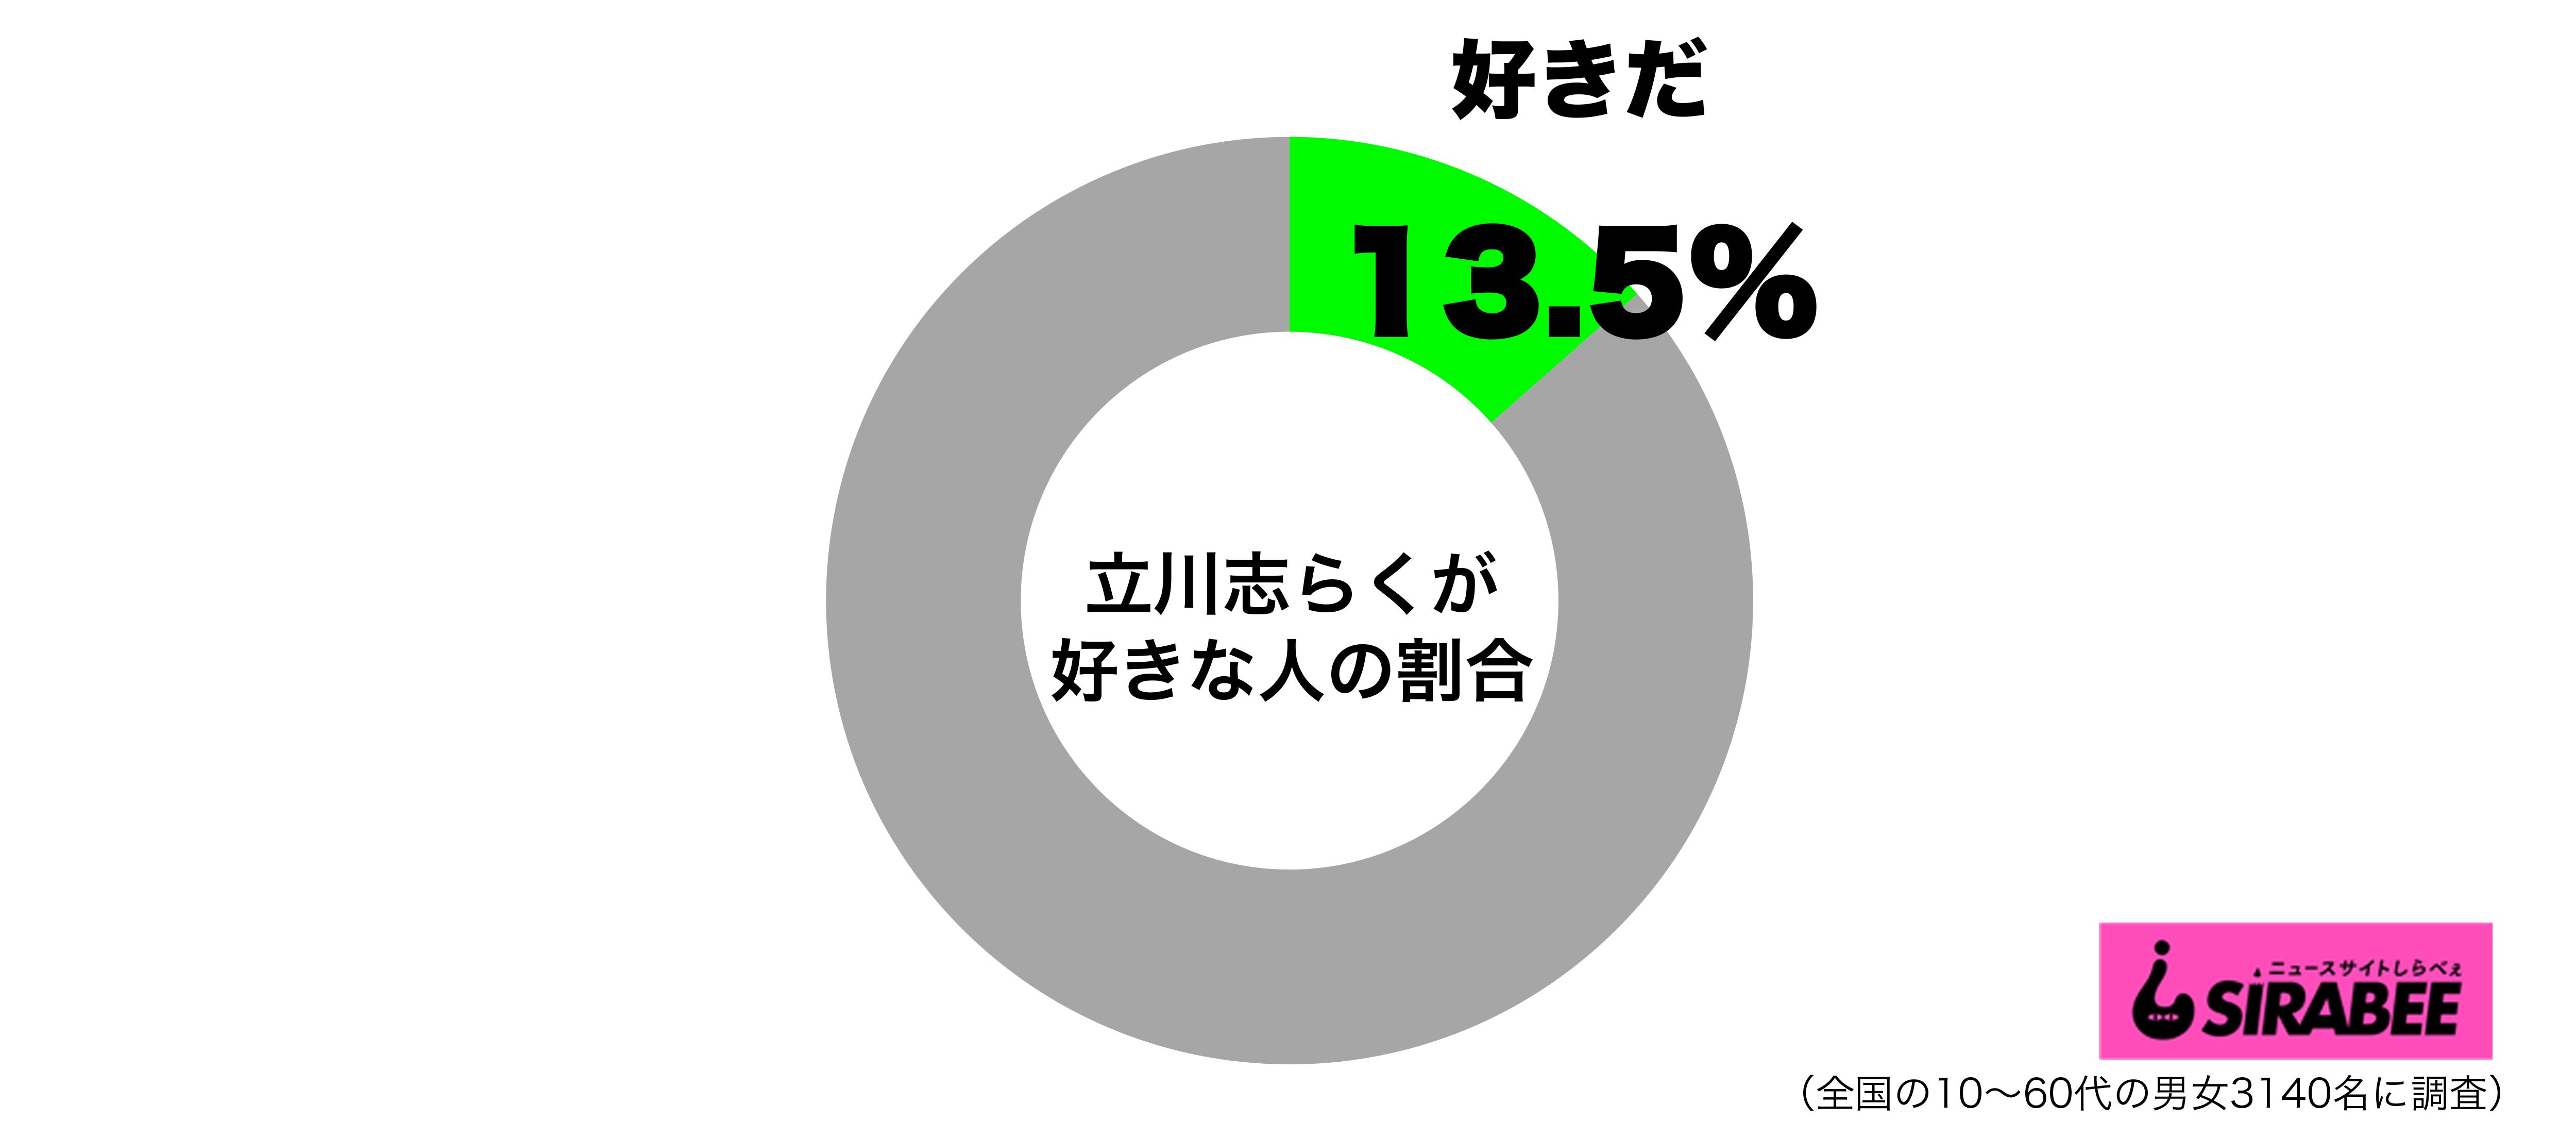 立川志らくが好きグラフ